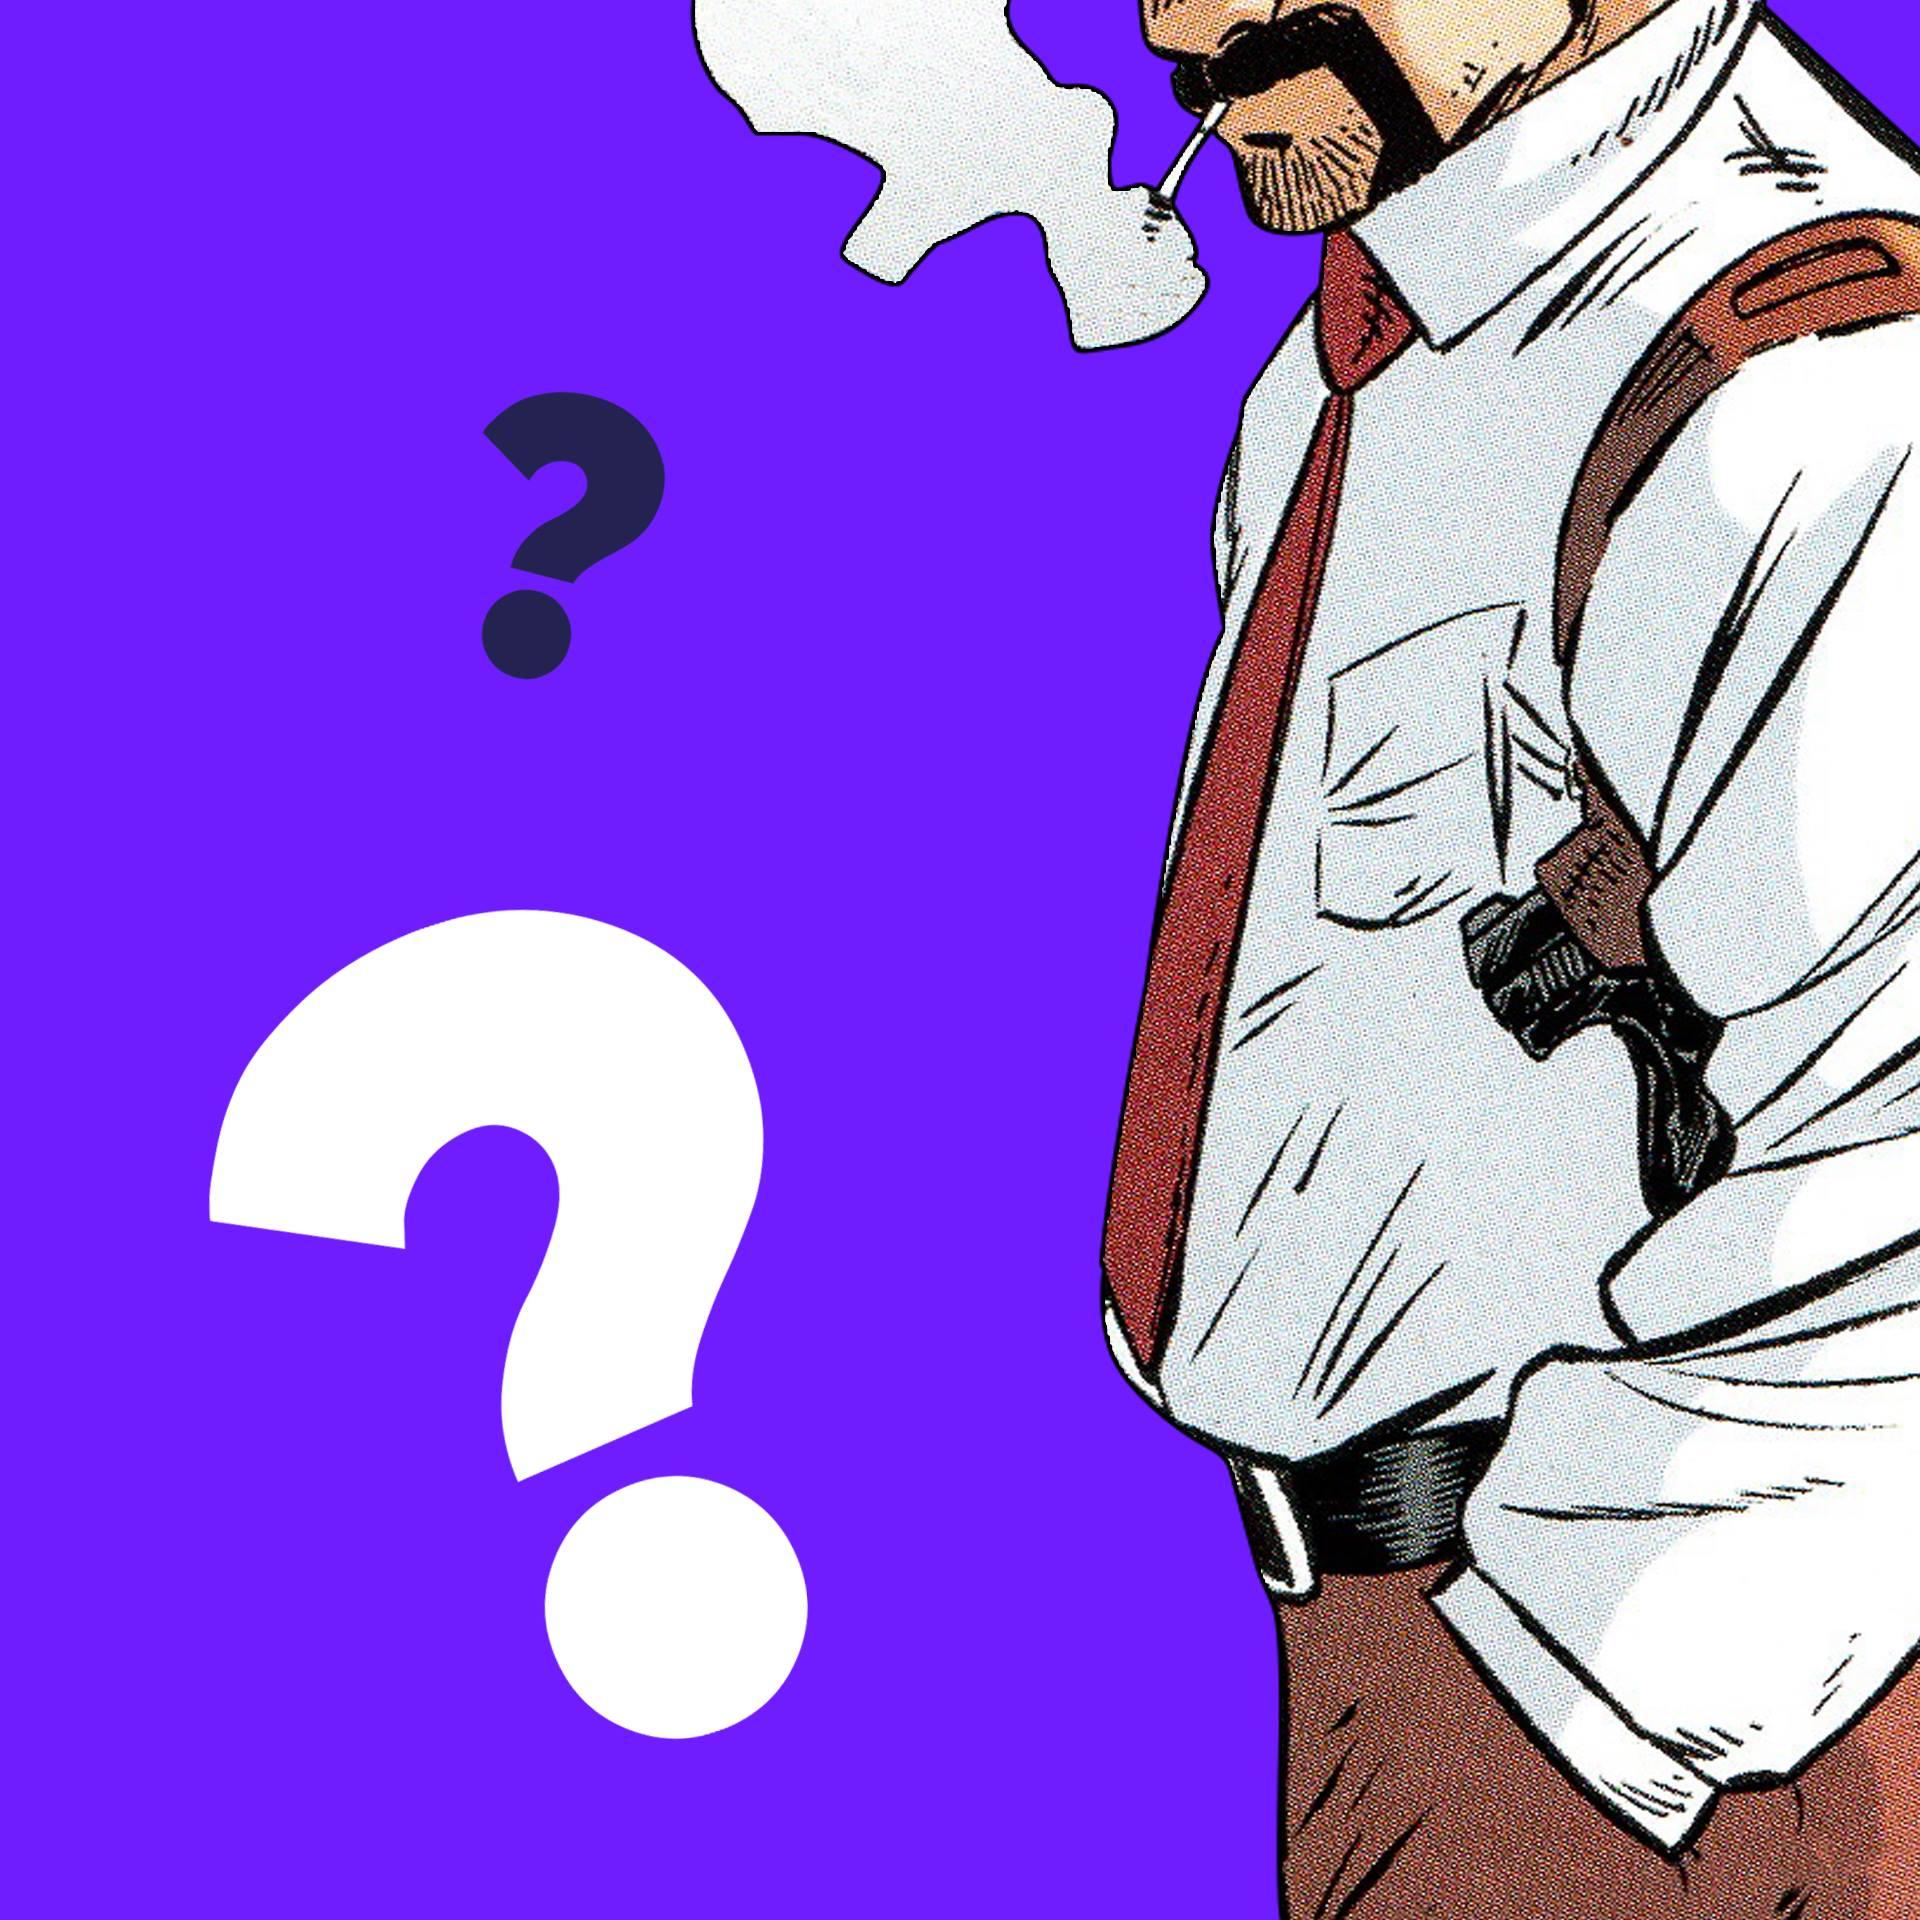 le dessin BD d'un flic en chemise avec arme et holster.